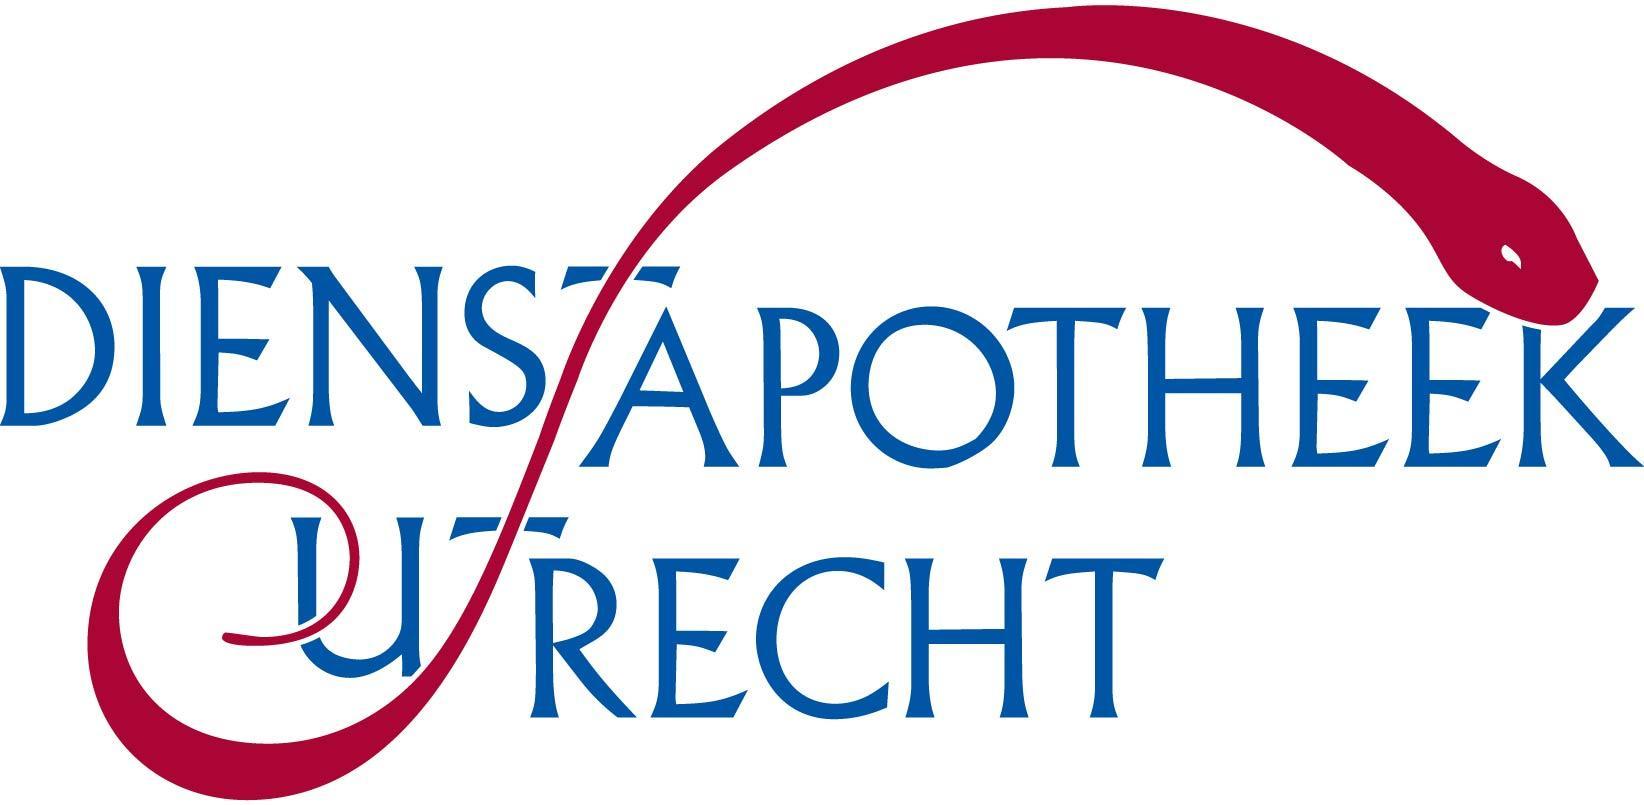 Dienstapotheek Utrecht